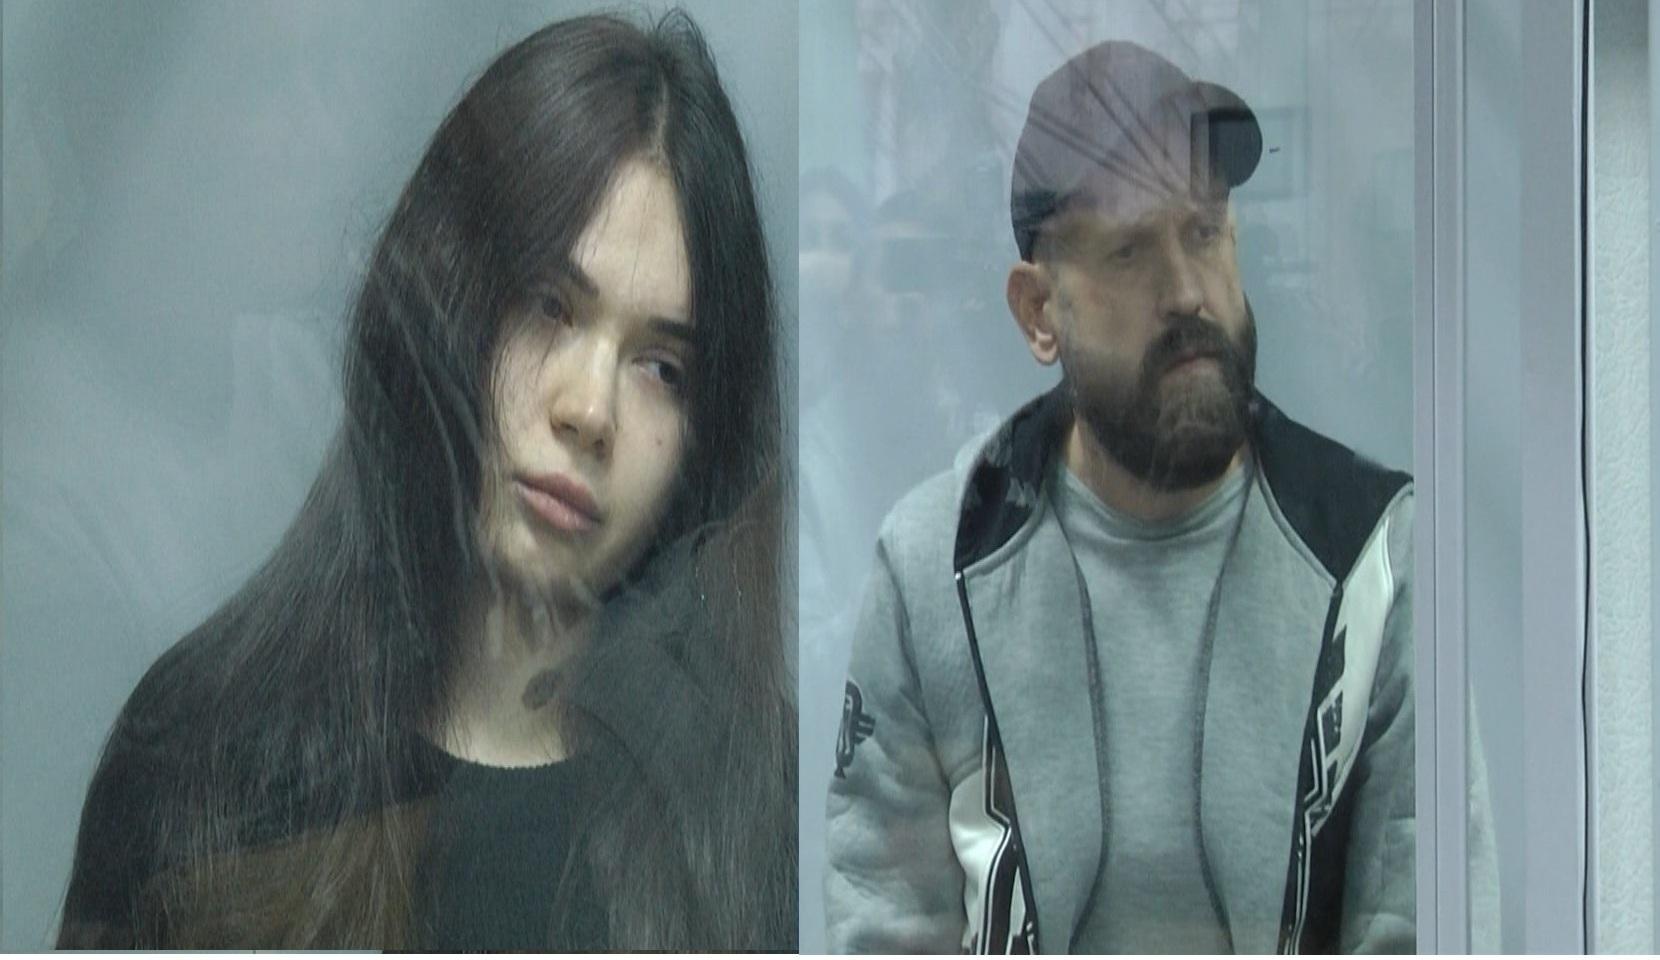 Харків Зайцева та Дронов залишаться у СІЗО до січня